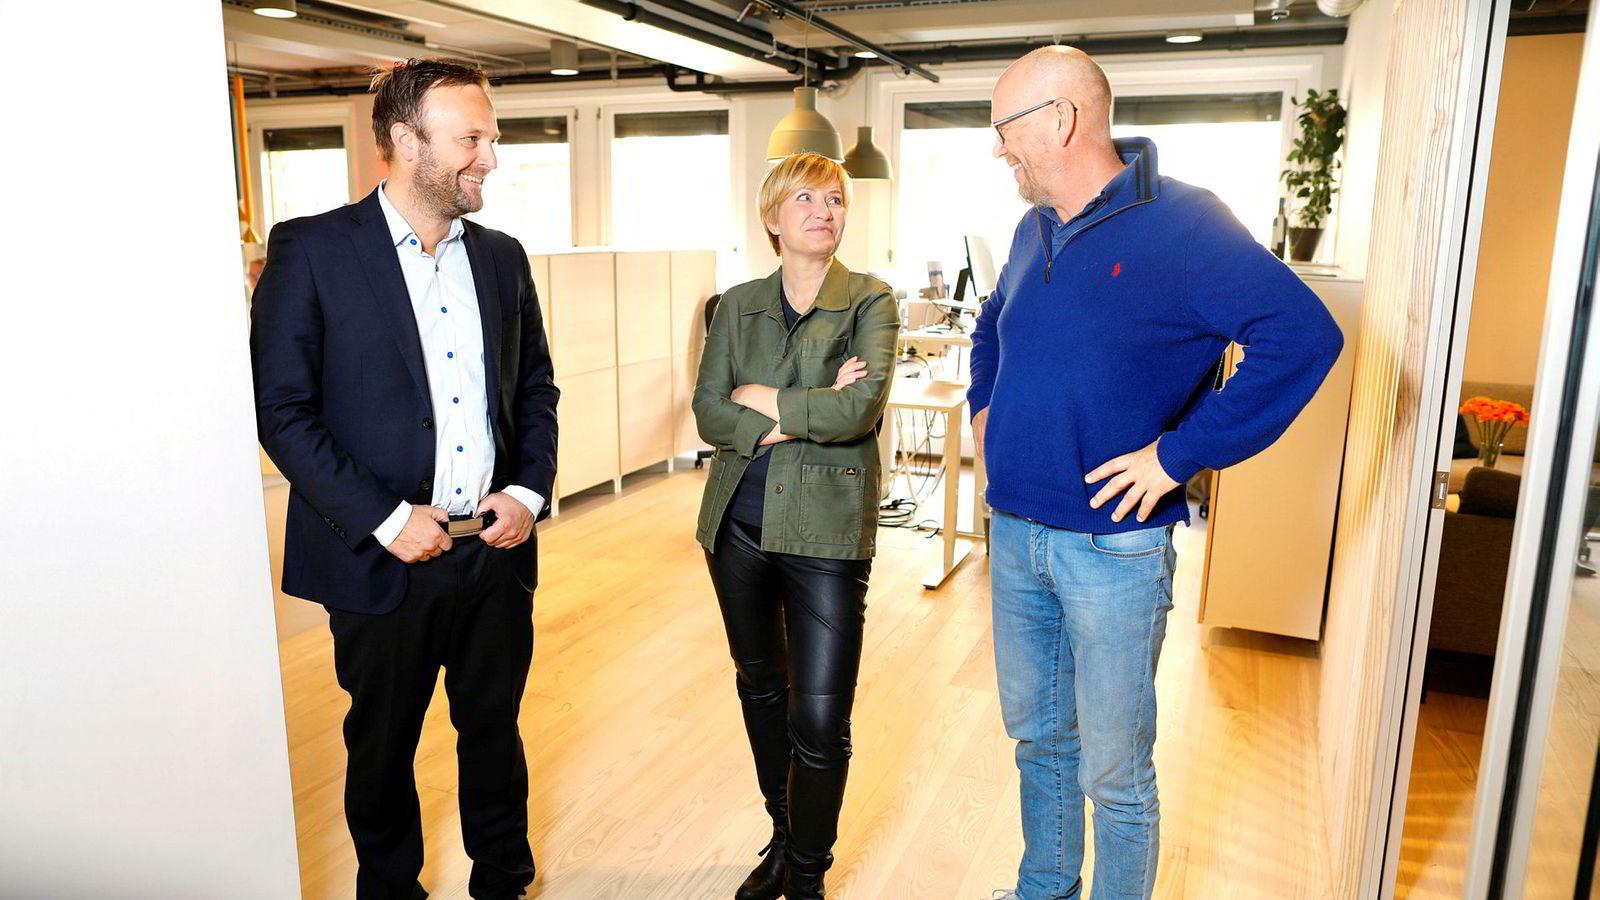 Daglig leder og partner Sindre Beyer (til venstre) er fornøyd med ansettelsen av Mathisen. Her med styreleder Kjetil Try.